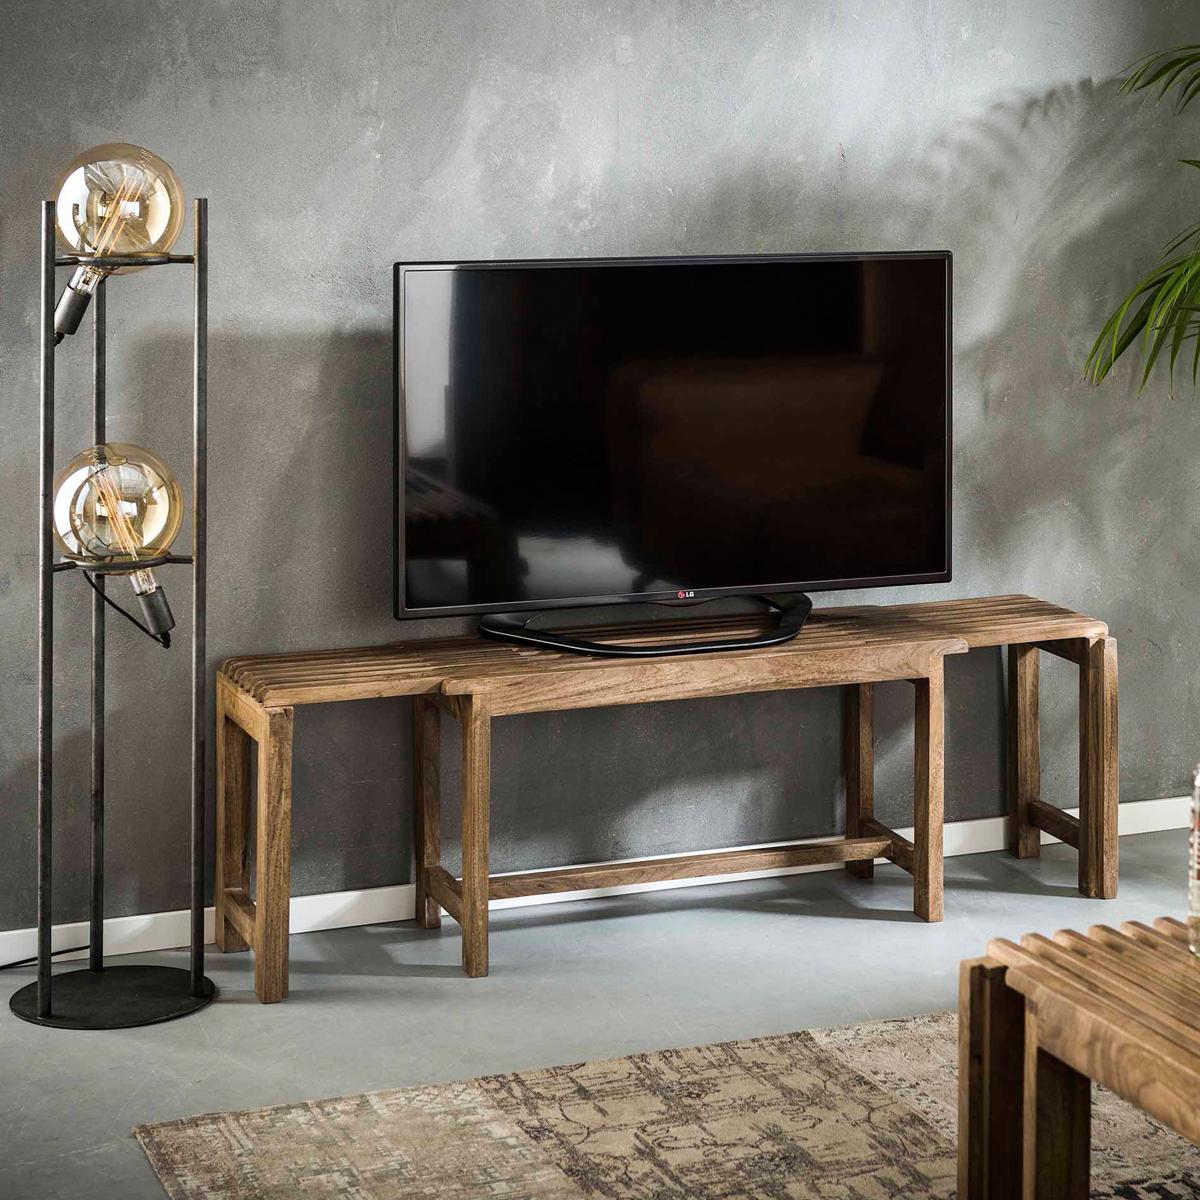 Uitschuifbaar houten tv-meubel